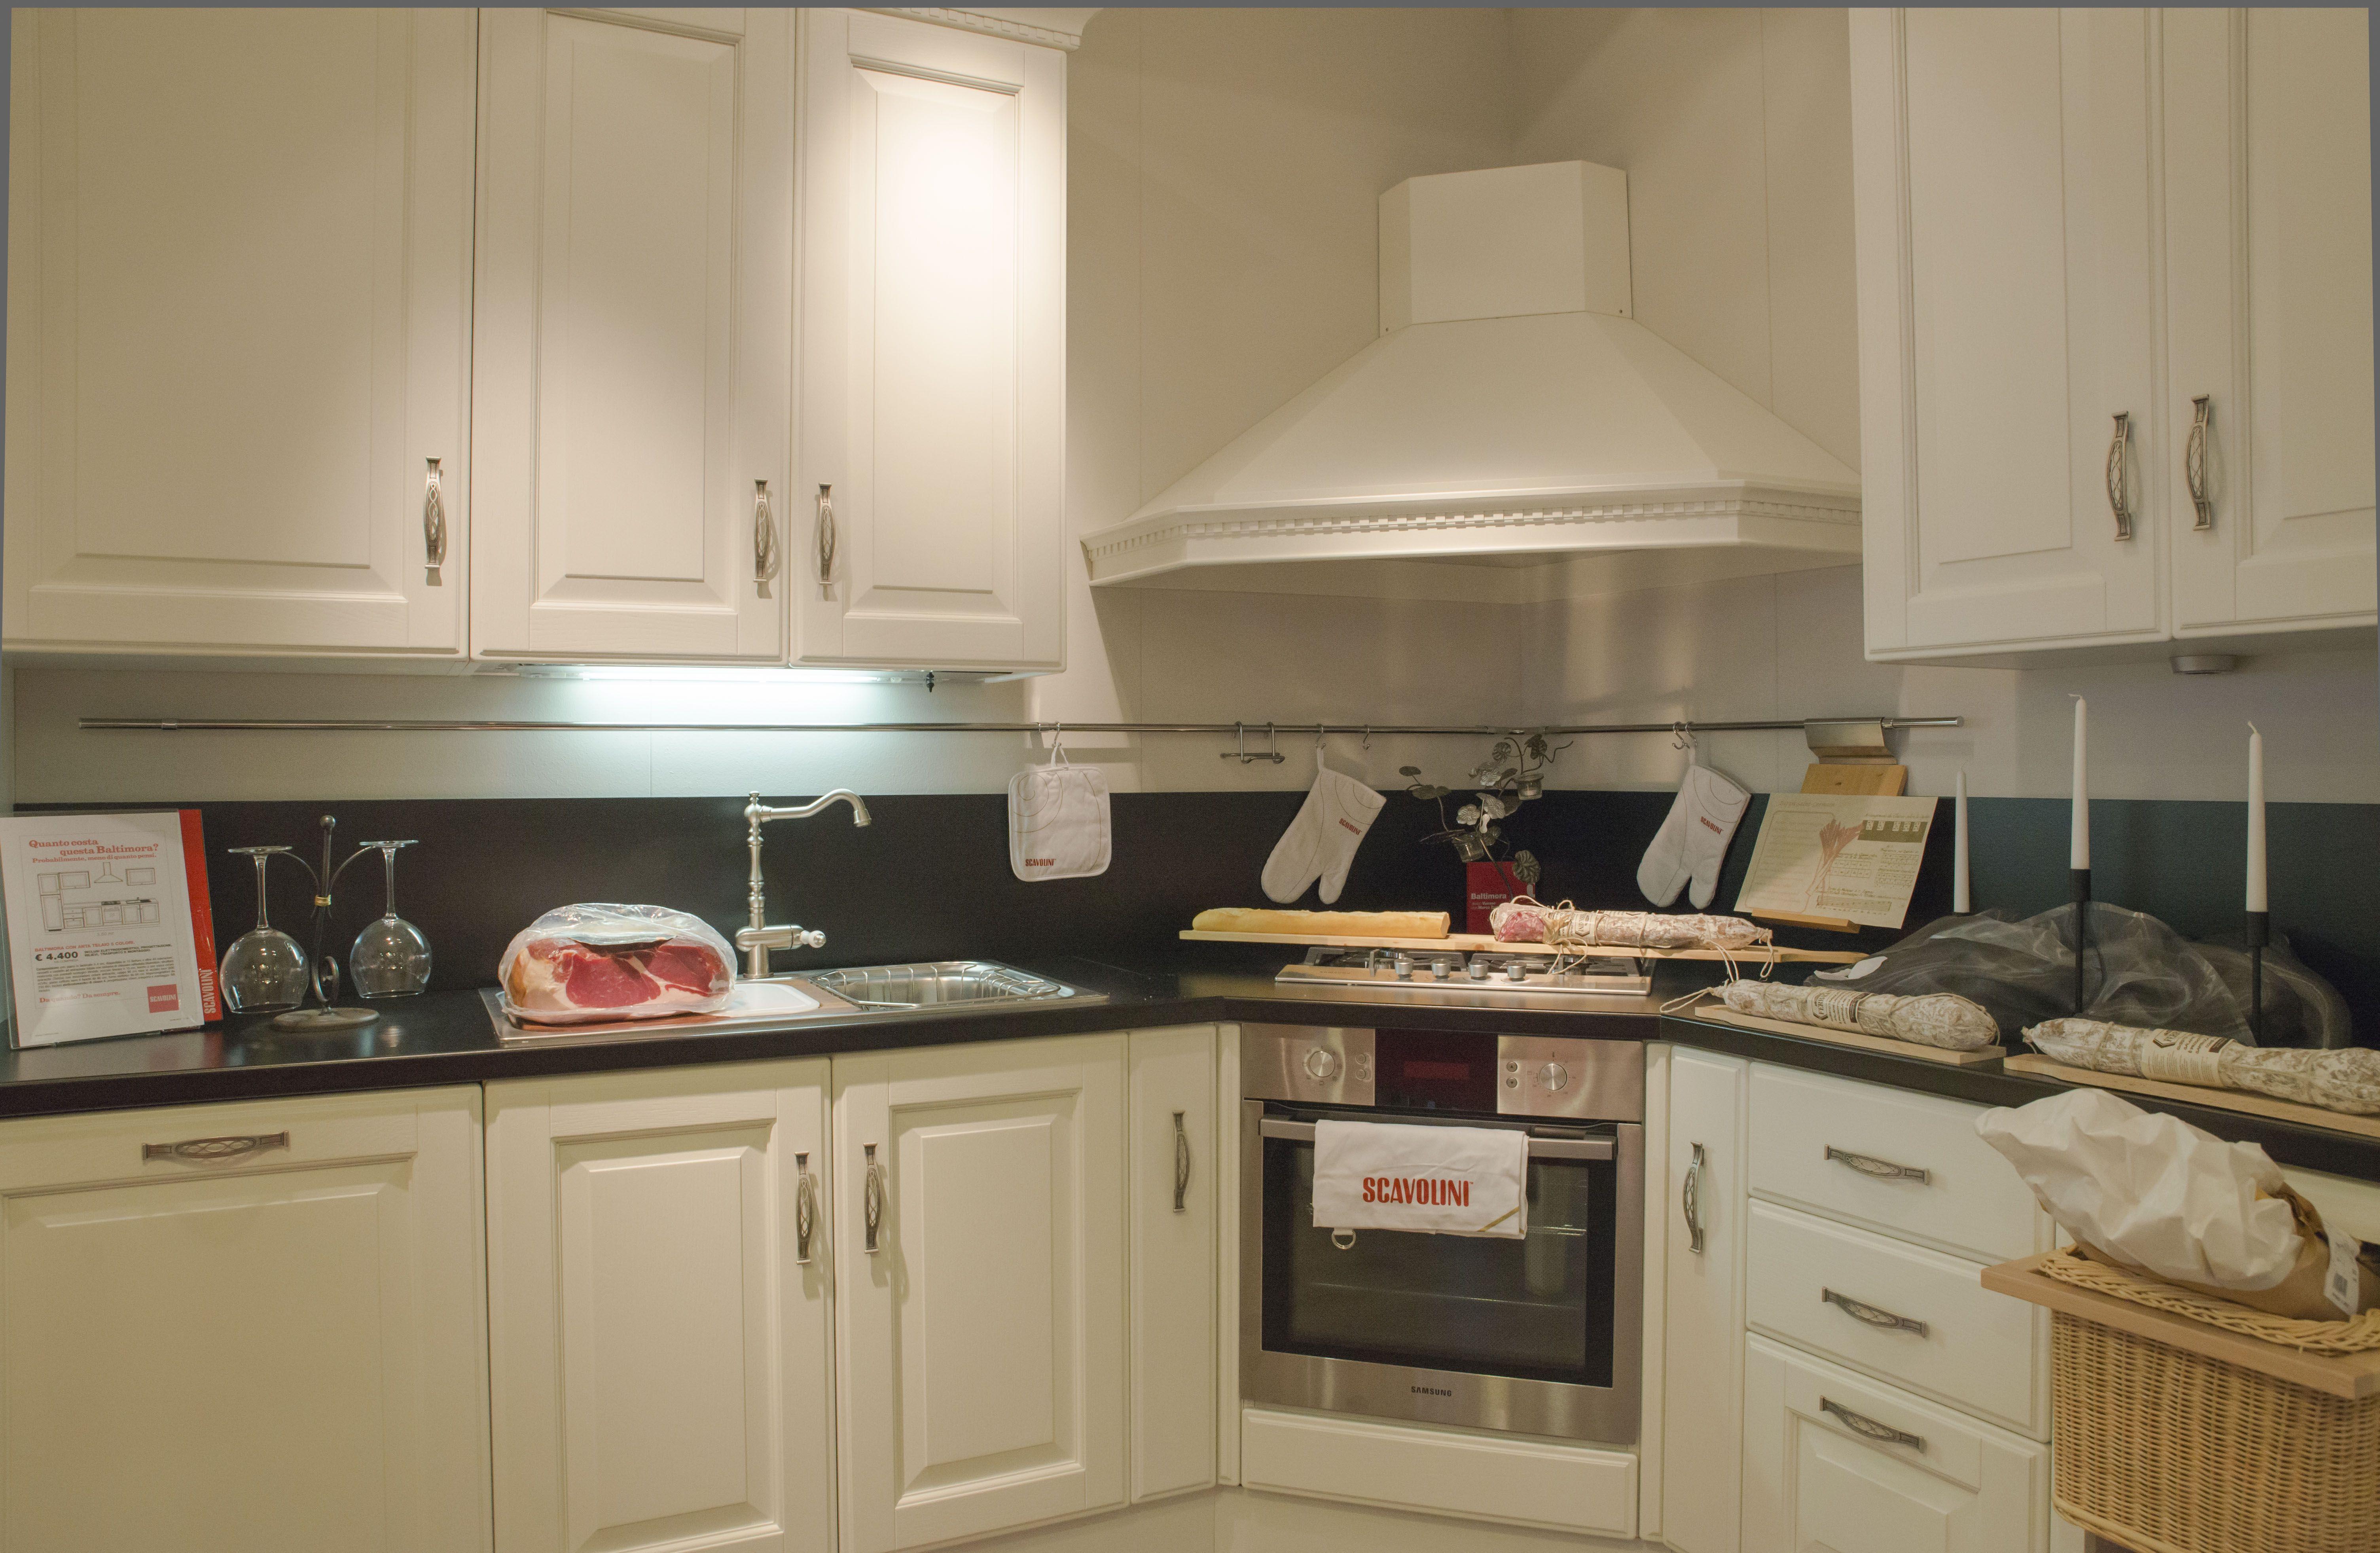 Cucine classiche Scavolini - composizione ad angolo | cucine ...